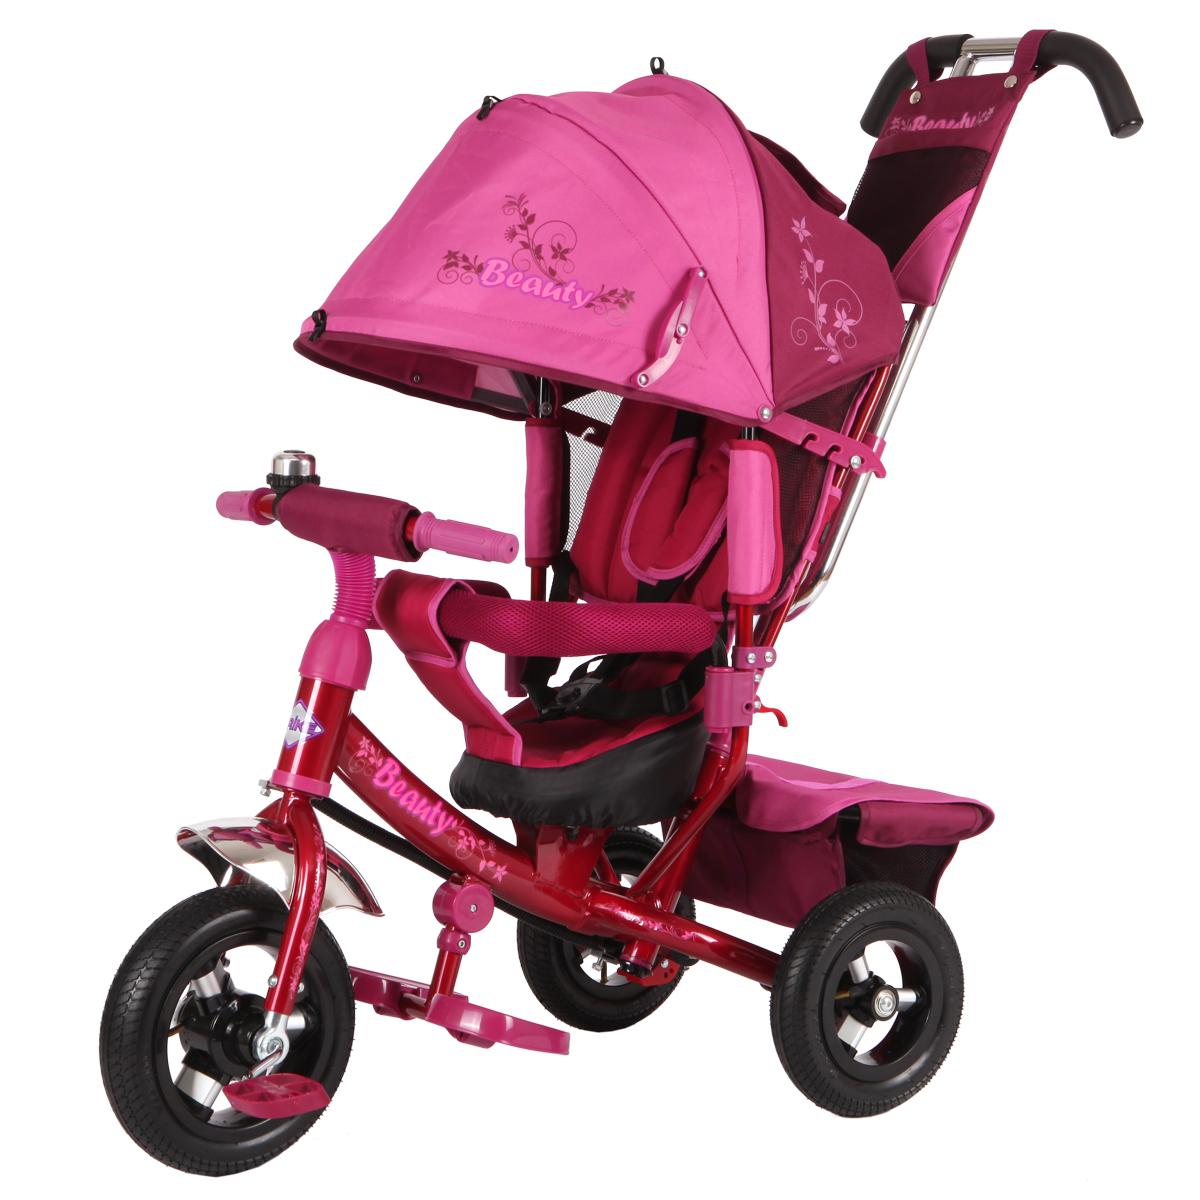 Beauty Велосипед трехколесный цвет красный розовый BA2RPBA2RPТрехколесный велосипед Beauty подойдет для малышей, которые только осваивают этот вид транспорта. Катание на велосипеде положительно влияет на физическую форму ребенка и улучшает координацию движений. Данная модель детского велосипеда имеет съемную крышу, которая регулируется по высоте. Руль также изменяется по высоте. В этой модели предусмотрена подставка для ножек ребенка. Ребенок может держаться как за руль так и за специальный бортик, обитый мягкой тканью, который поможет ему удержаться на месте. Свободный ход колеса поможет маме легко управляться с велосипедом на прогулке. В корзине велосипеда удобно носить с собой необходимые на прогулкедетские вещи. В конструкции велосипеда предусмотрен и тормоз.Колеса надувные 10 и 8 в диаметре.